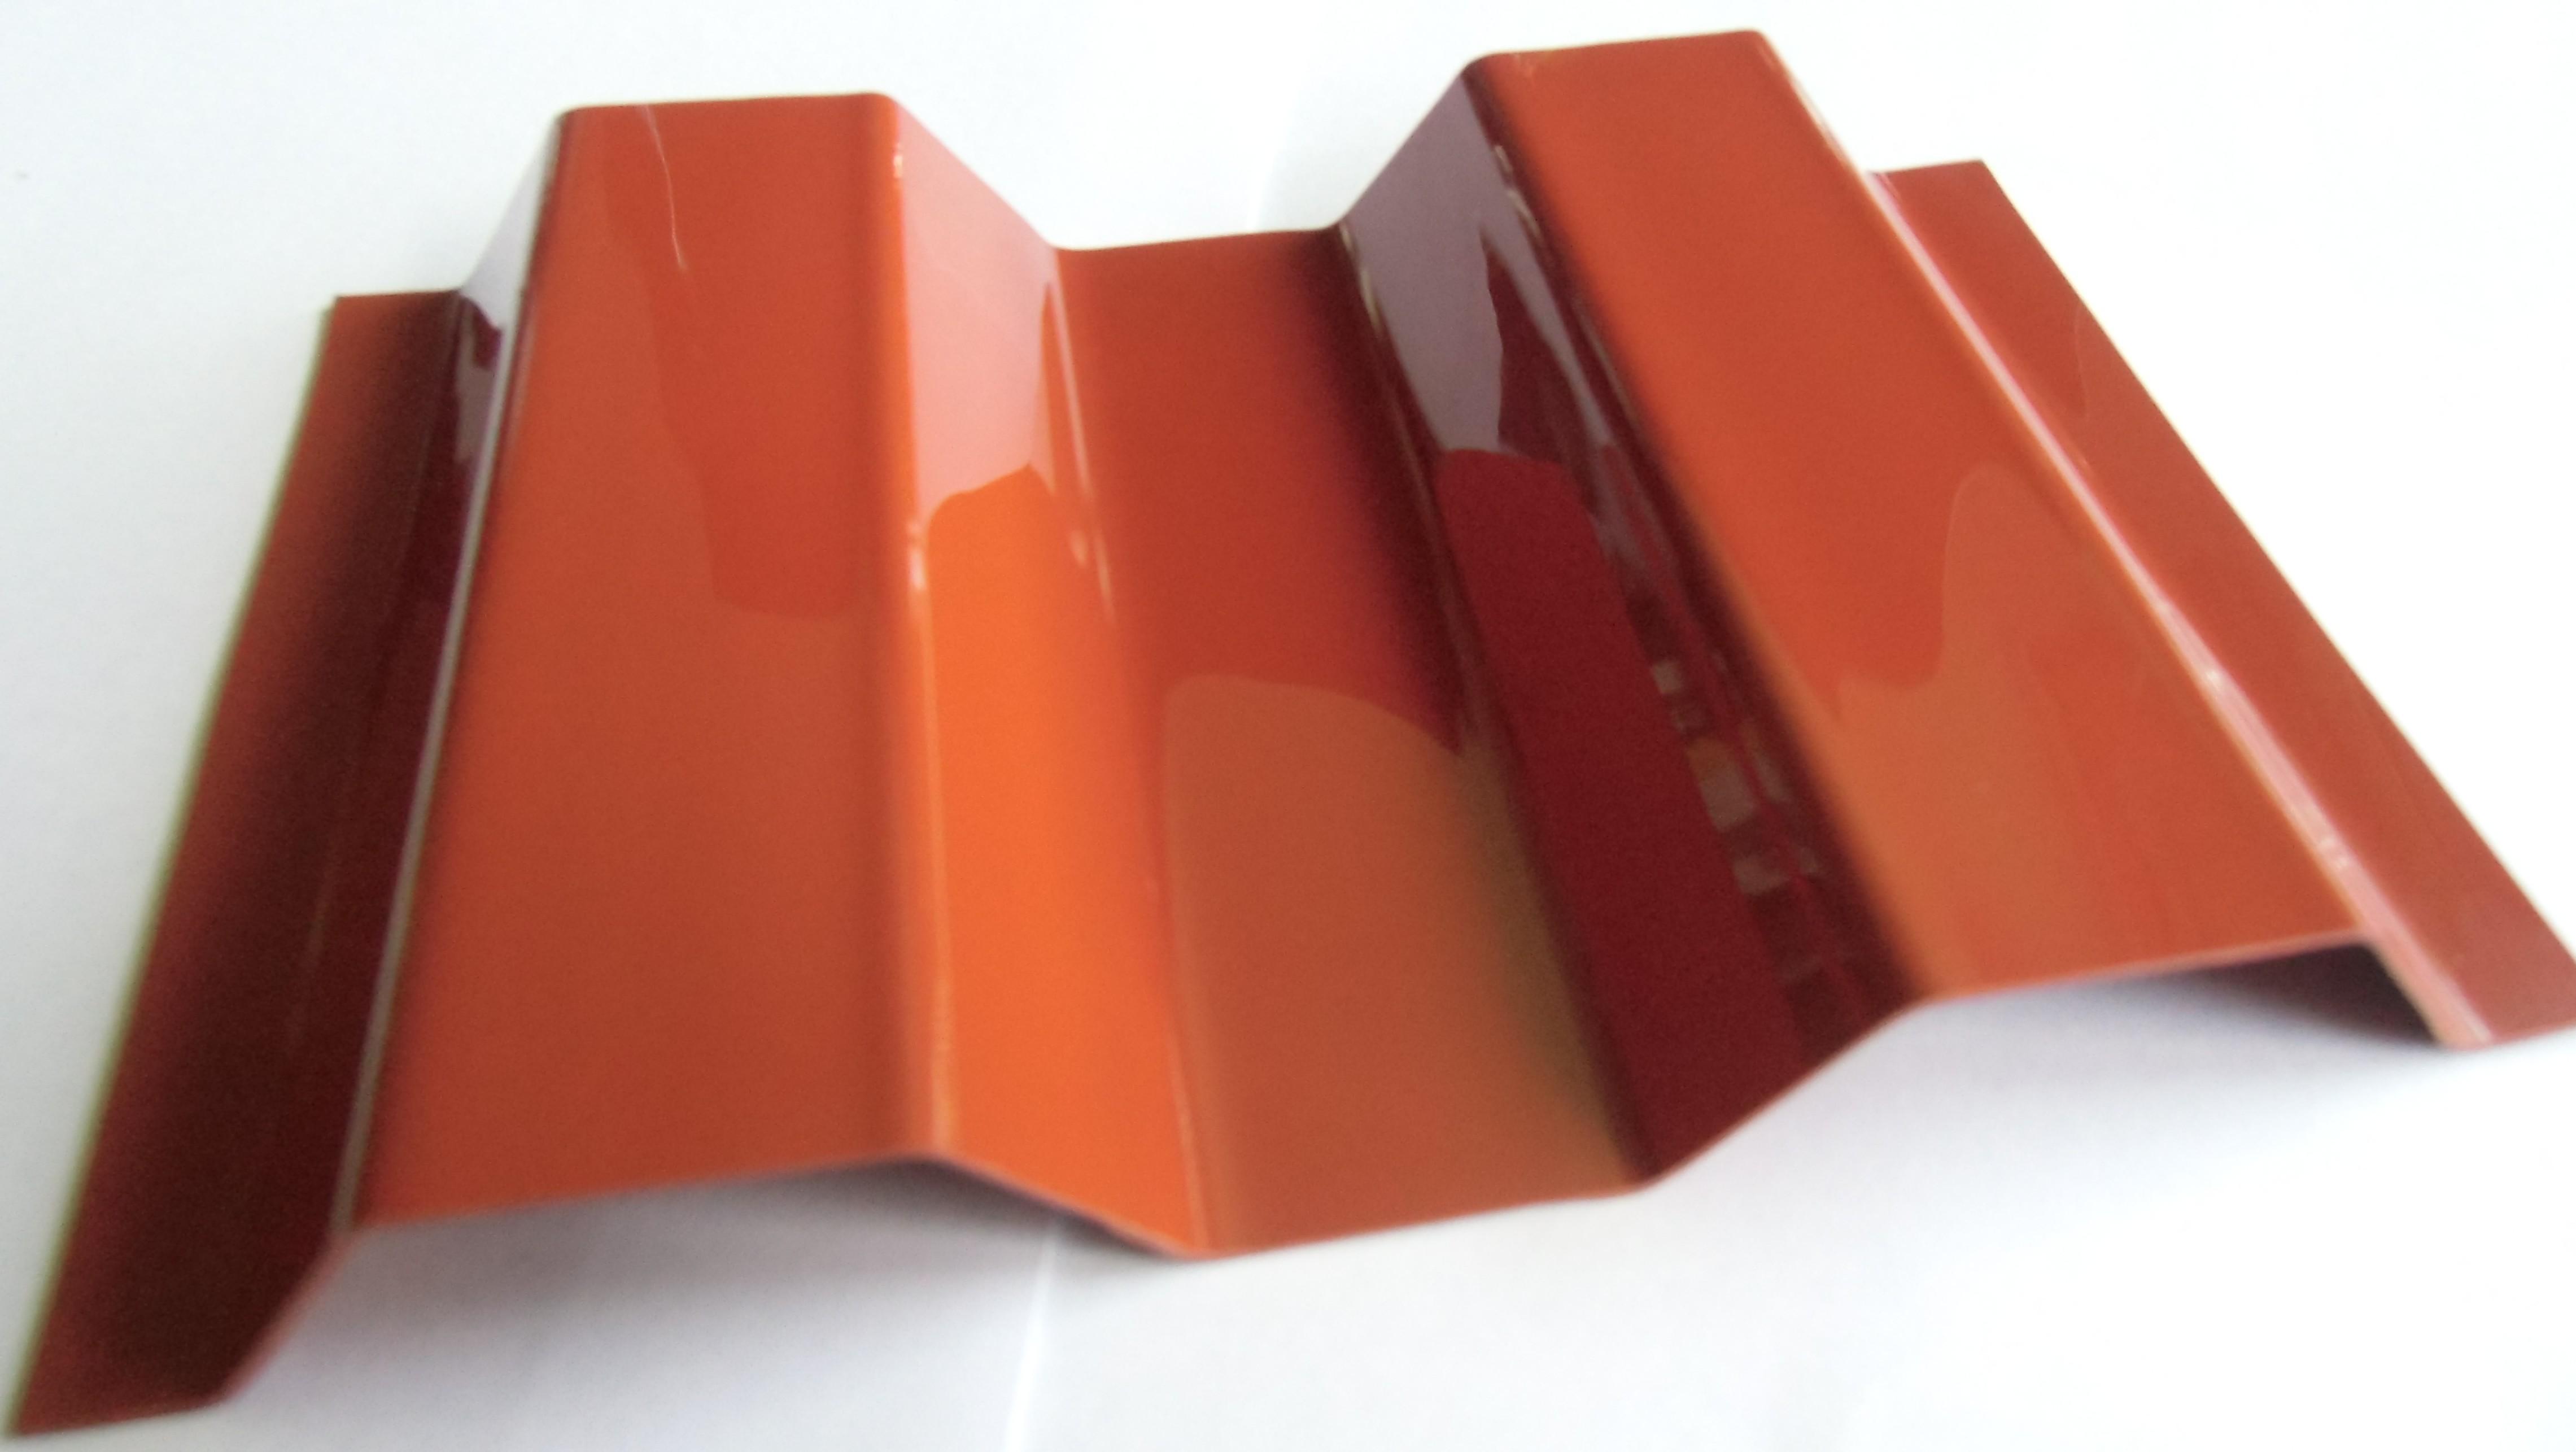 Wellplatten Polycarbonat Hagelfest : deine stegplatten polycarbonat wellplatten trapezwelle k76 18 gr n ~ A.2002-acura-tl-radio.info Haus und Dekorationen